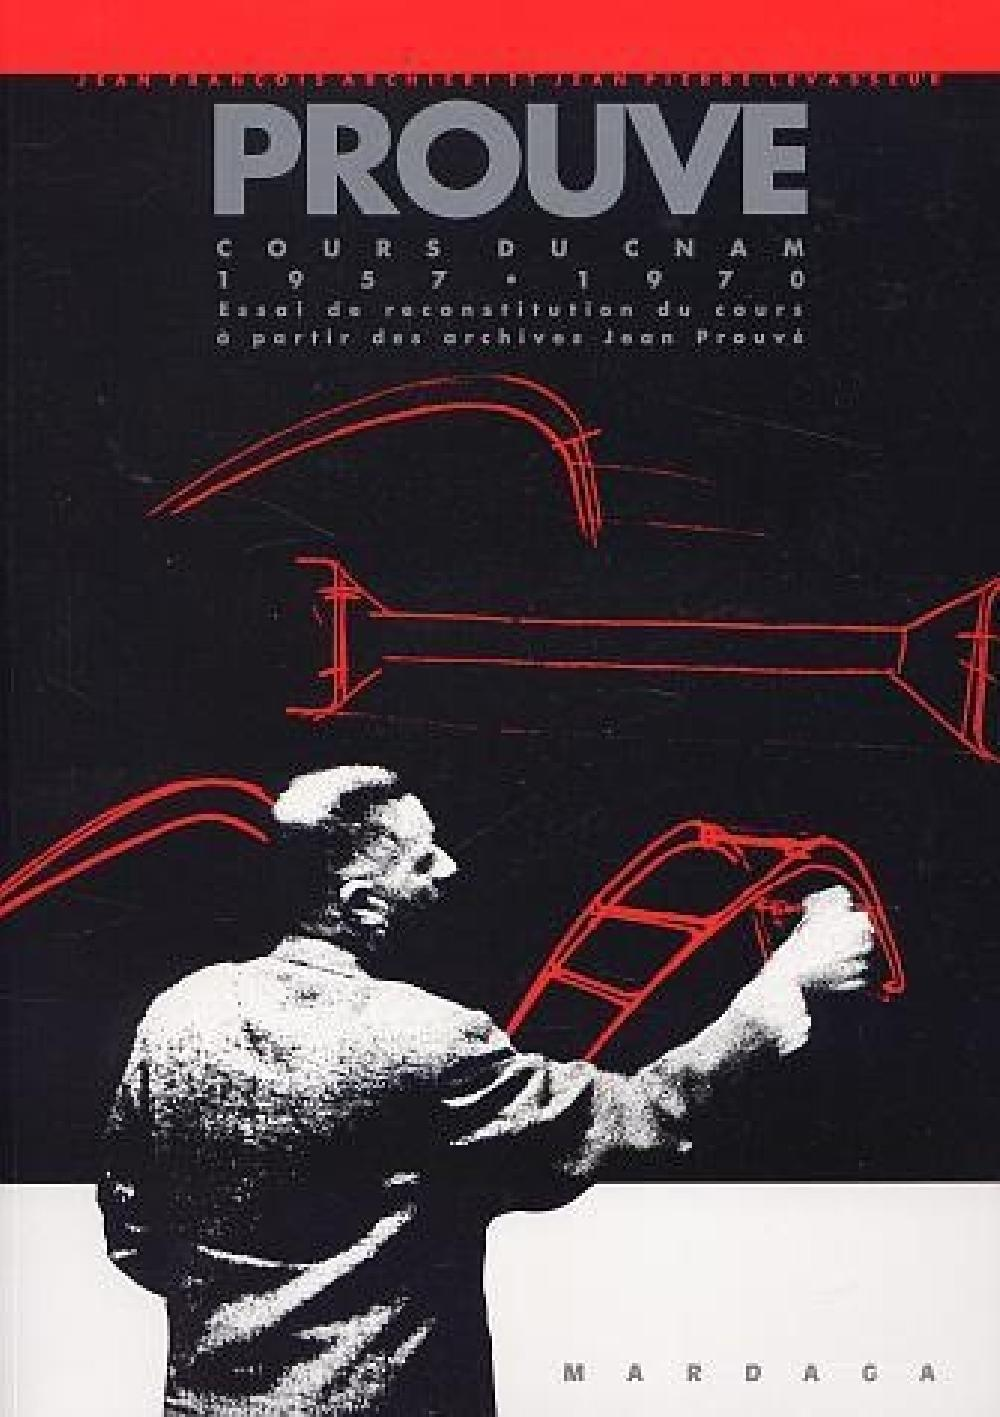 Jean Prouvé - Cours du CNAM 1957 - 1970 Essai de reconstitution du cours à partir des archives Jean